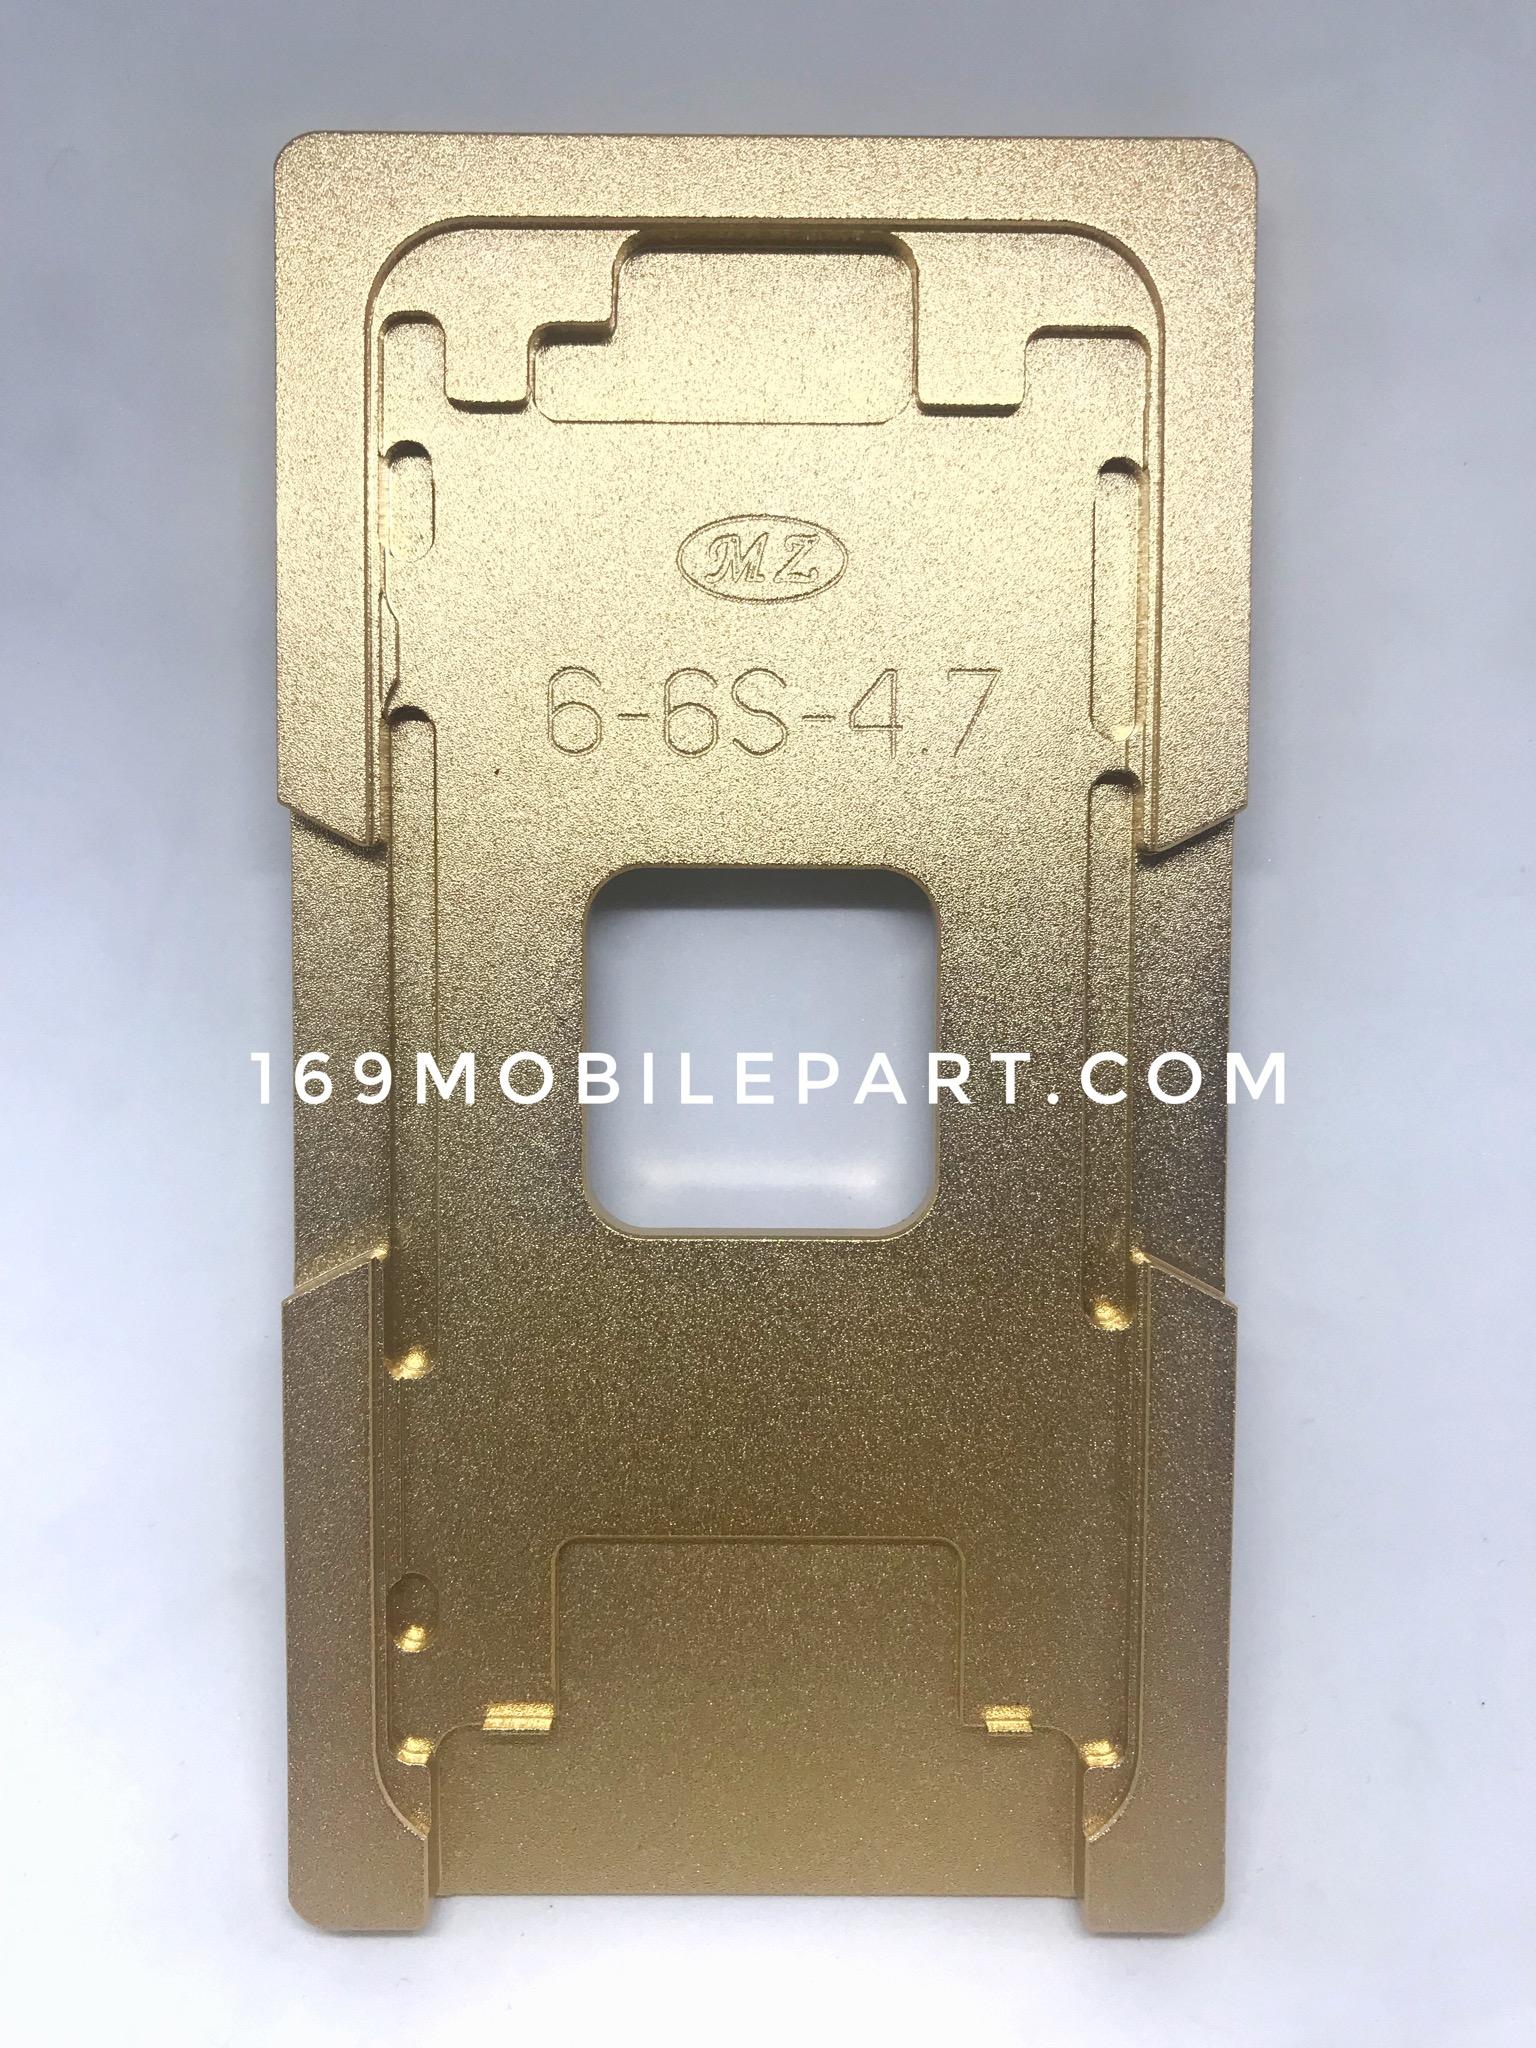 บล็อกวางจอไอโฟน iPhone 6,6S 4.7 นิ้ว (งานลอกกระจก)